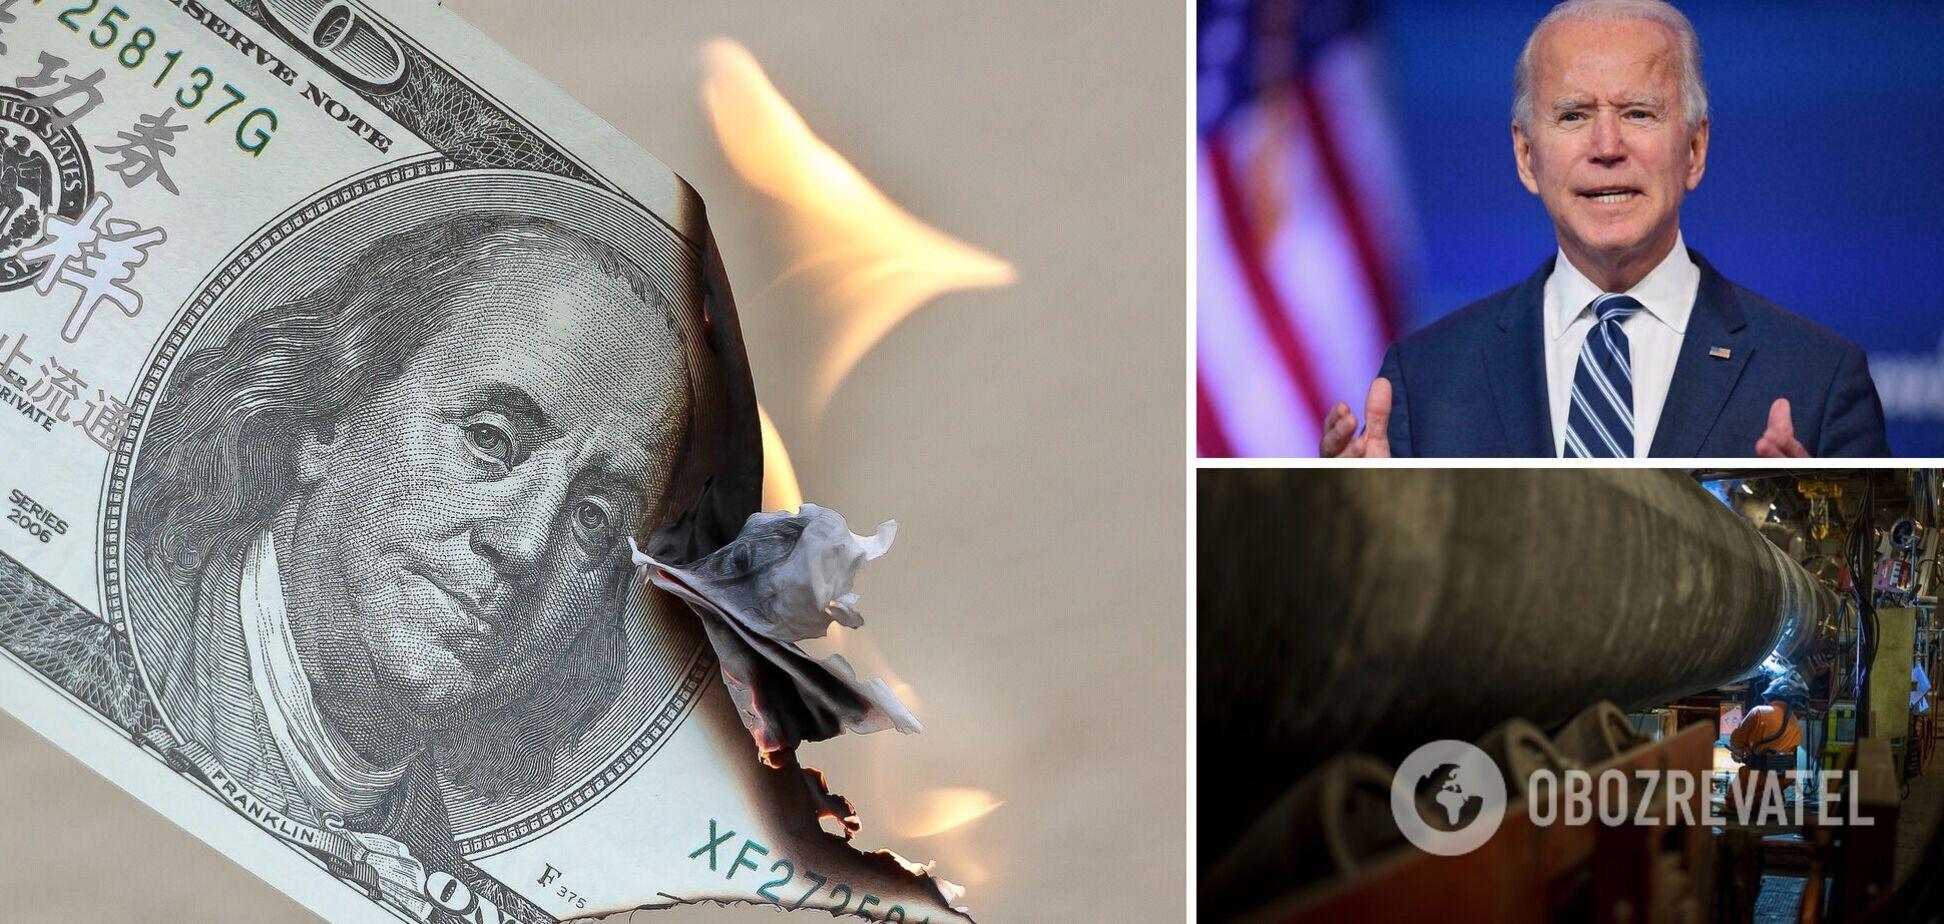 Байден заявив, що дефолт у США поставить під загрозу долар як світову валюту